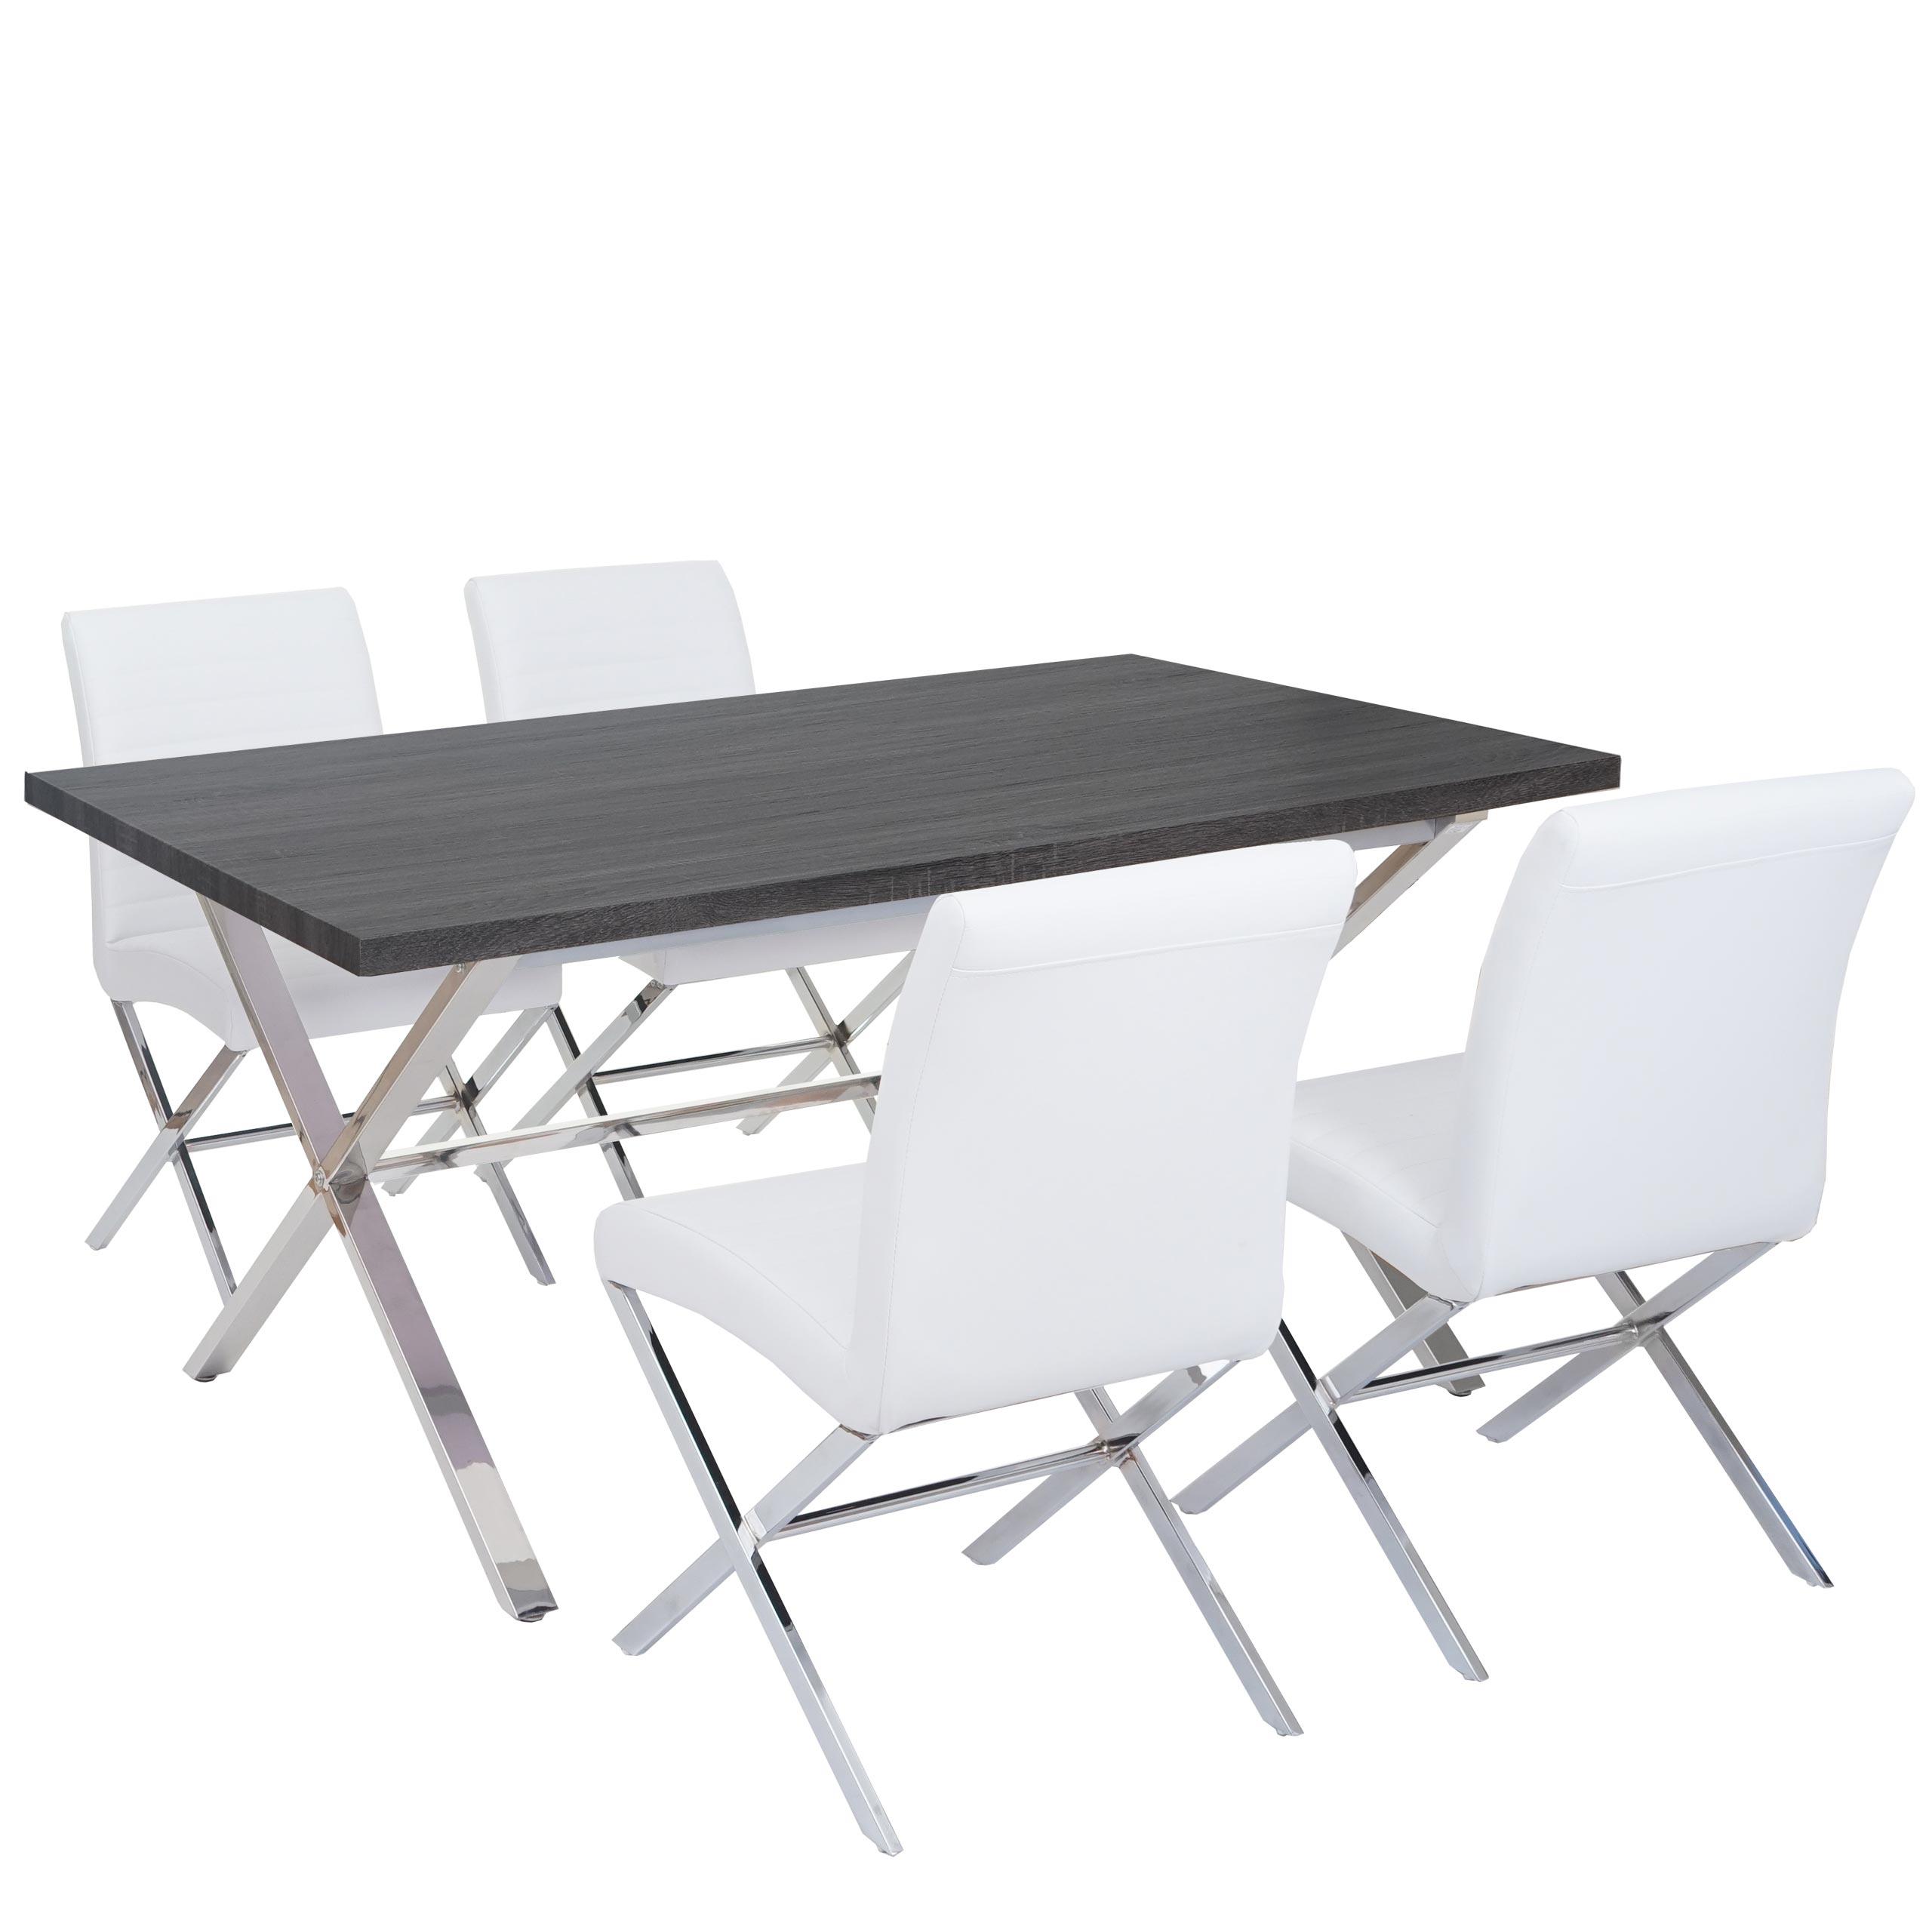 Esszimmergarnitur Fano, Essgruppe Tisch + 4 Stühle, 3D-Struktur ...